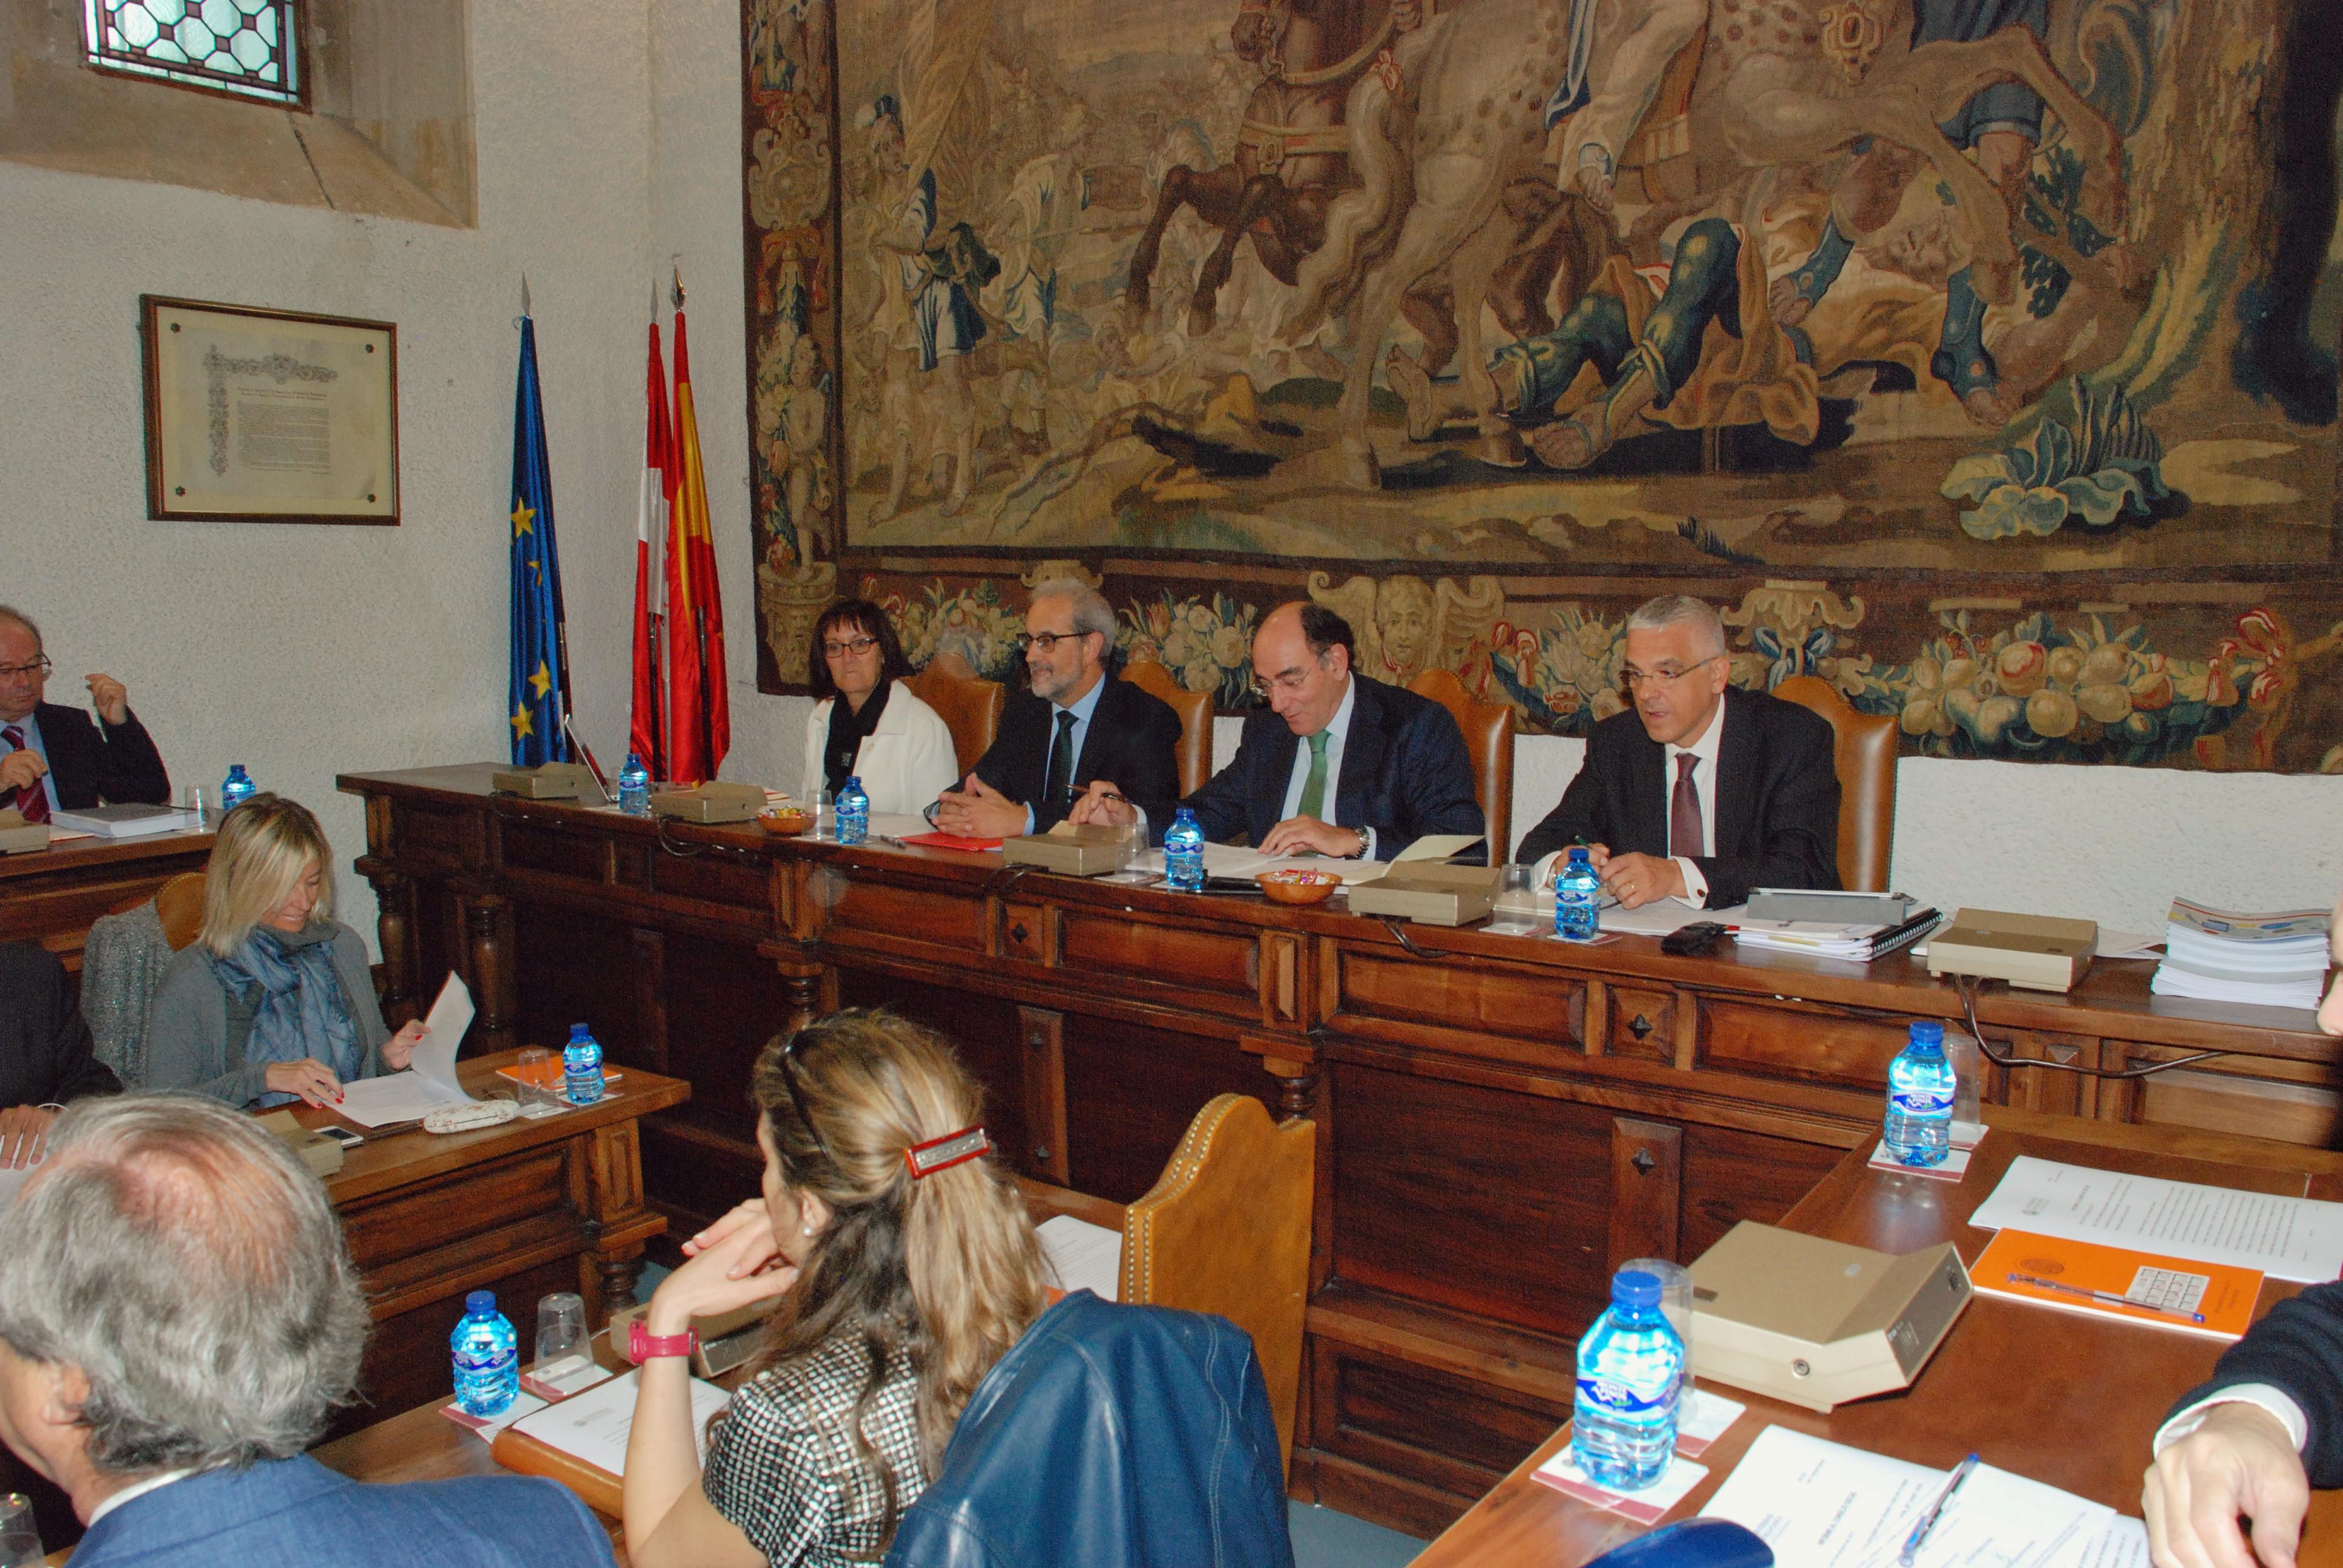 El Pleno del Consejo Social aprueba las cuentas de la Universidad correspondientes al ejercicio 2014